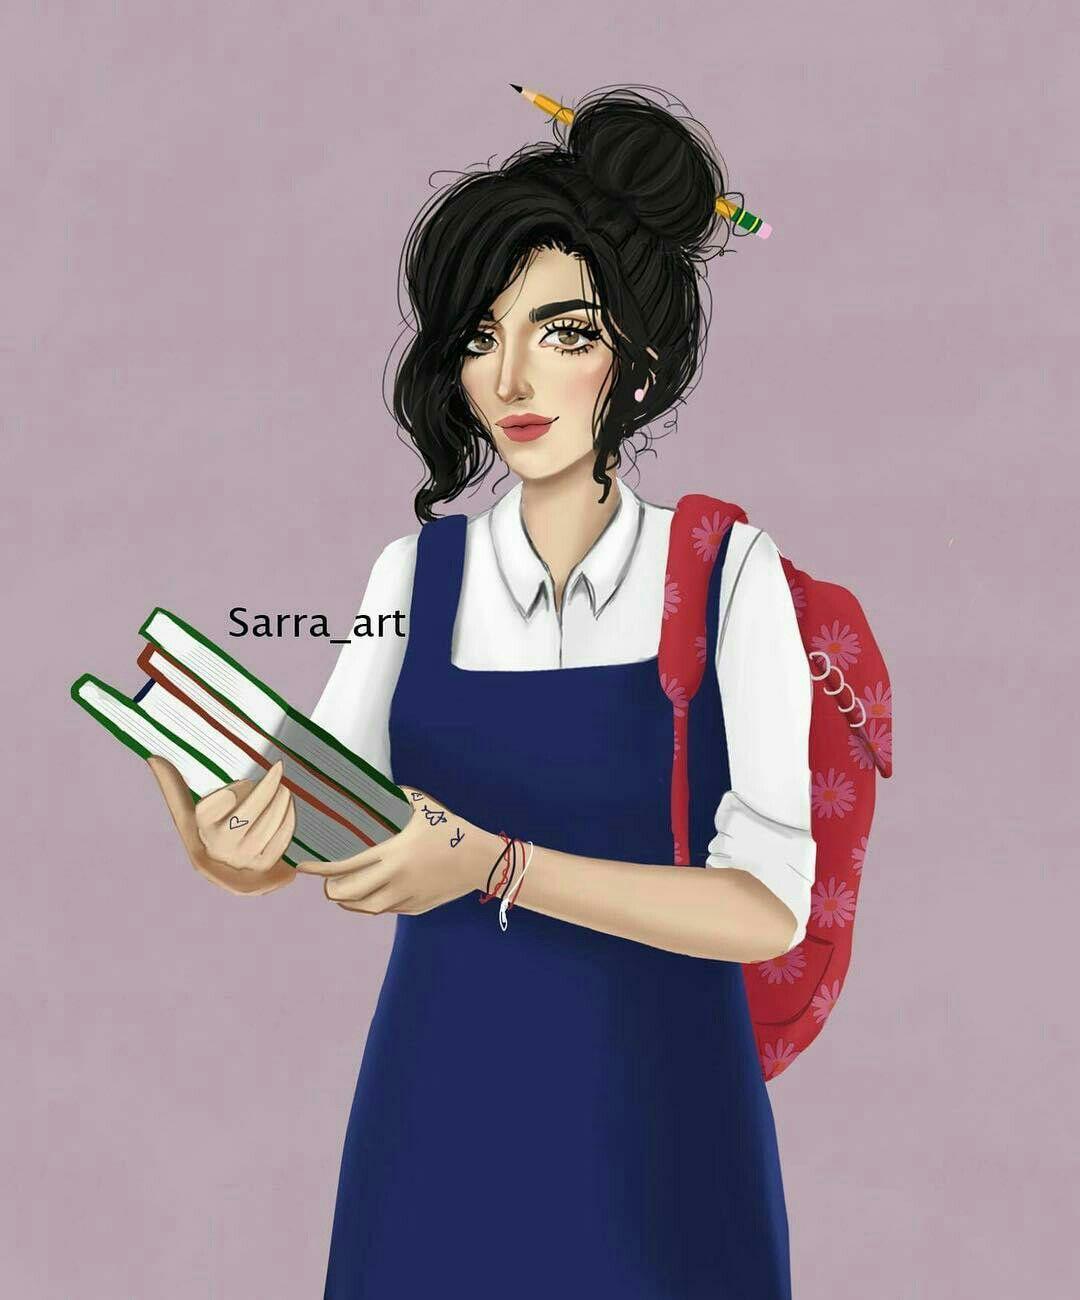 Pin By Sherif Mahmoud On Girl Sarra Art Digital Art Girl Girly Drawings